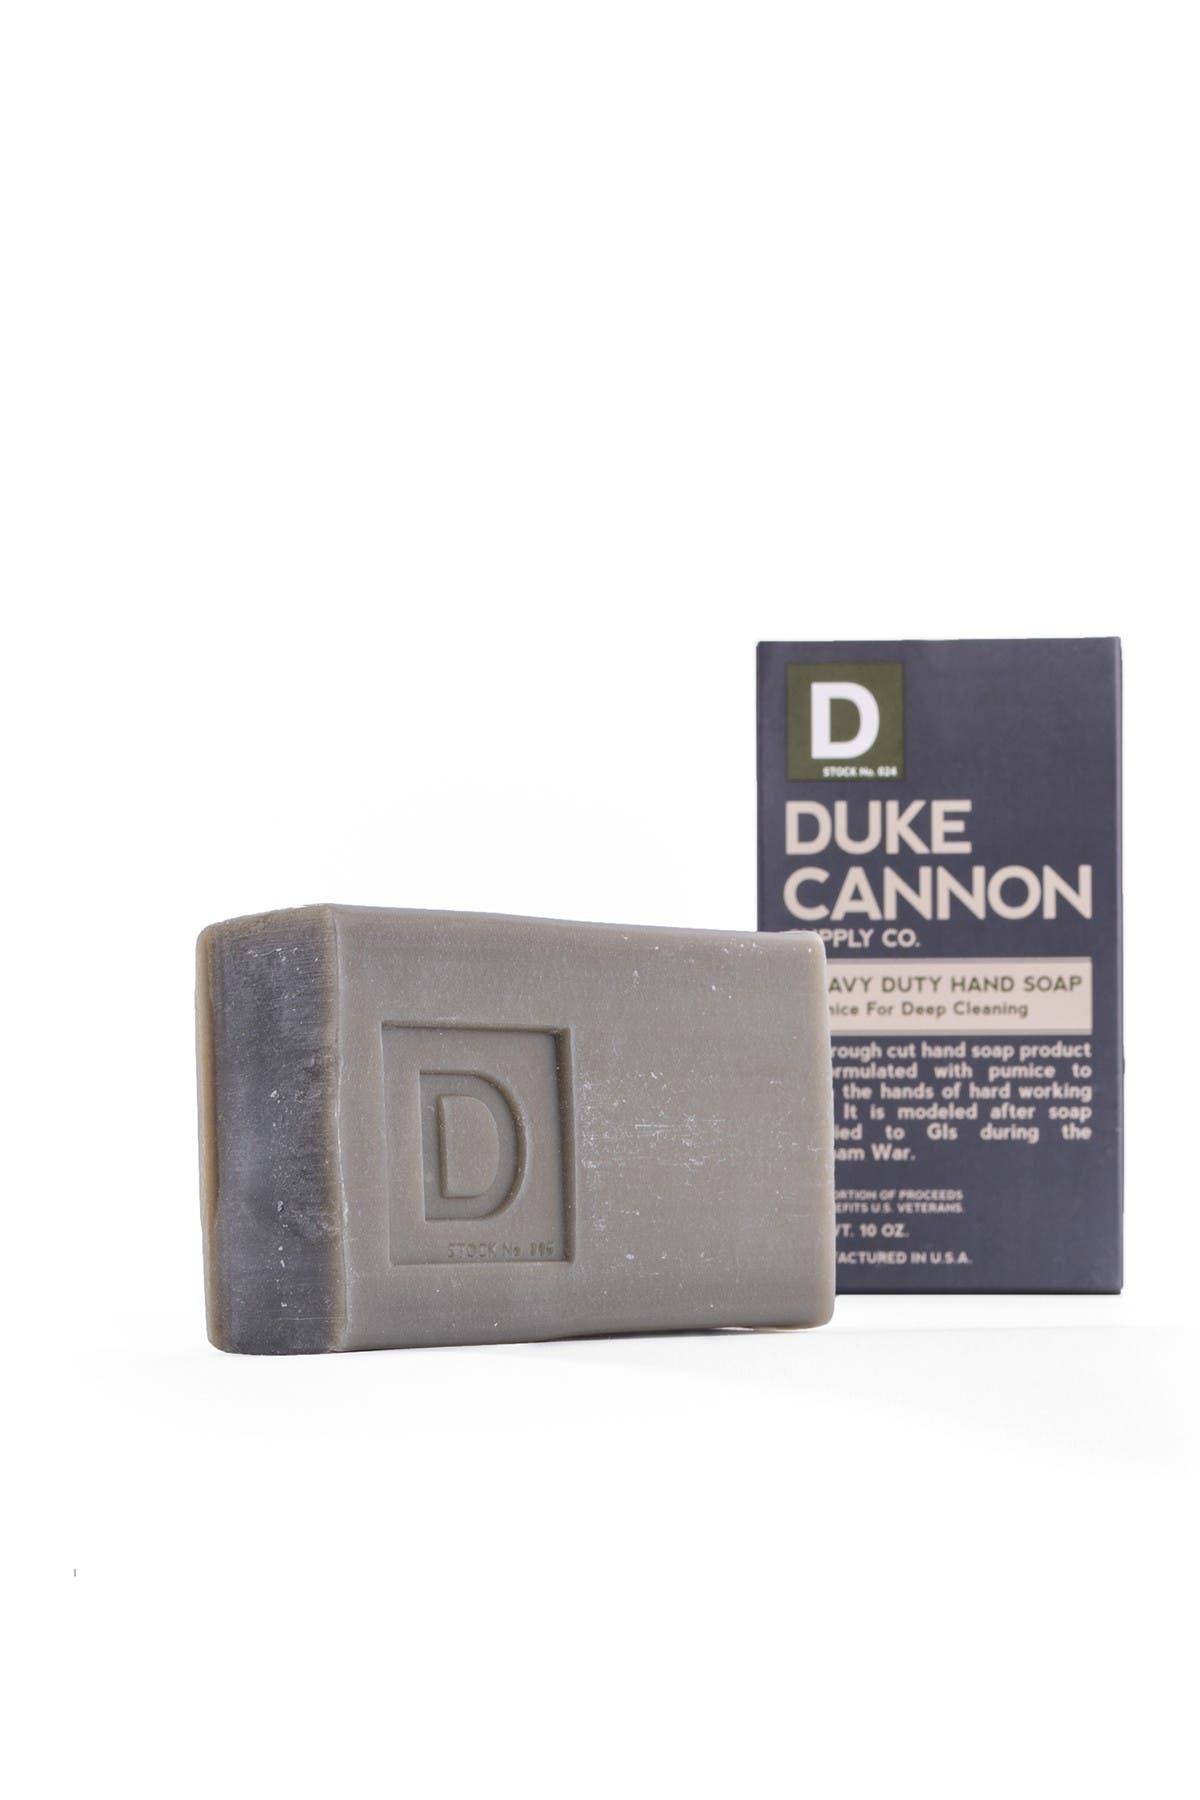 Image of DUKE CANNON Heavy Duty Hand Soap